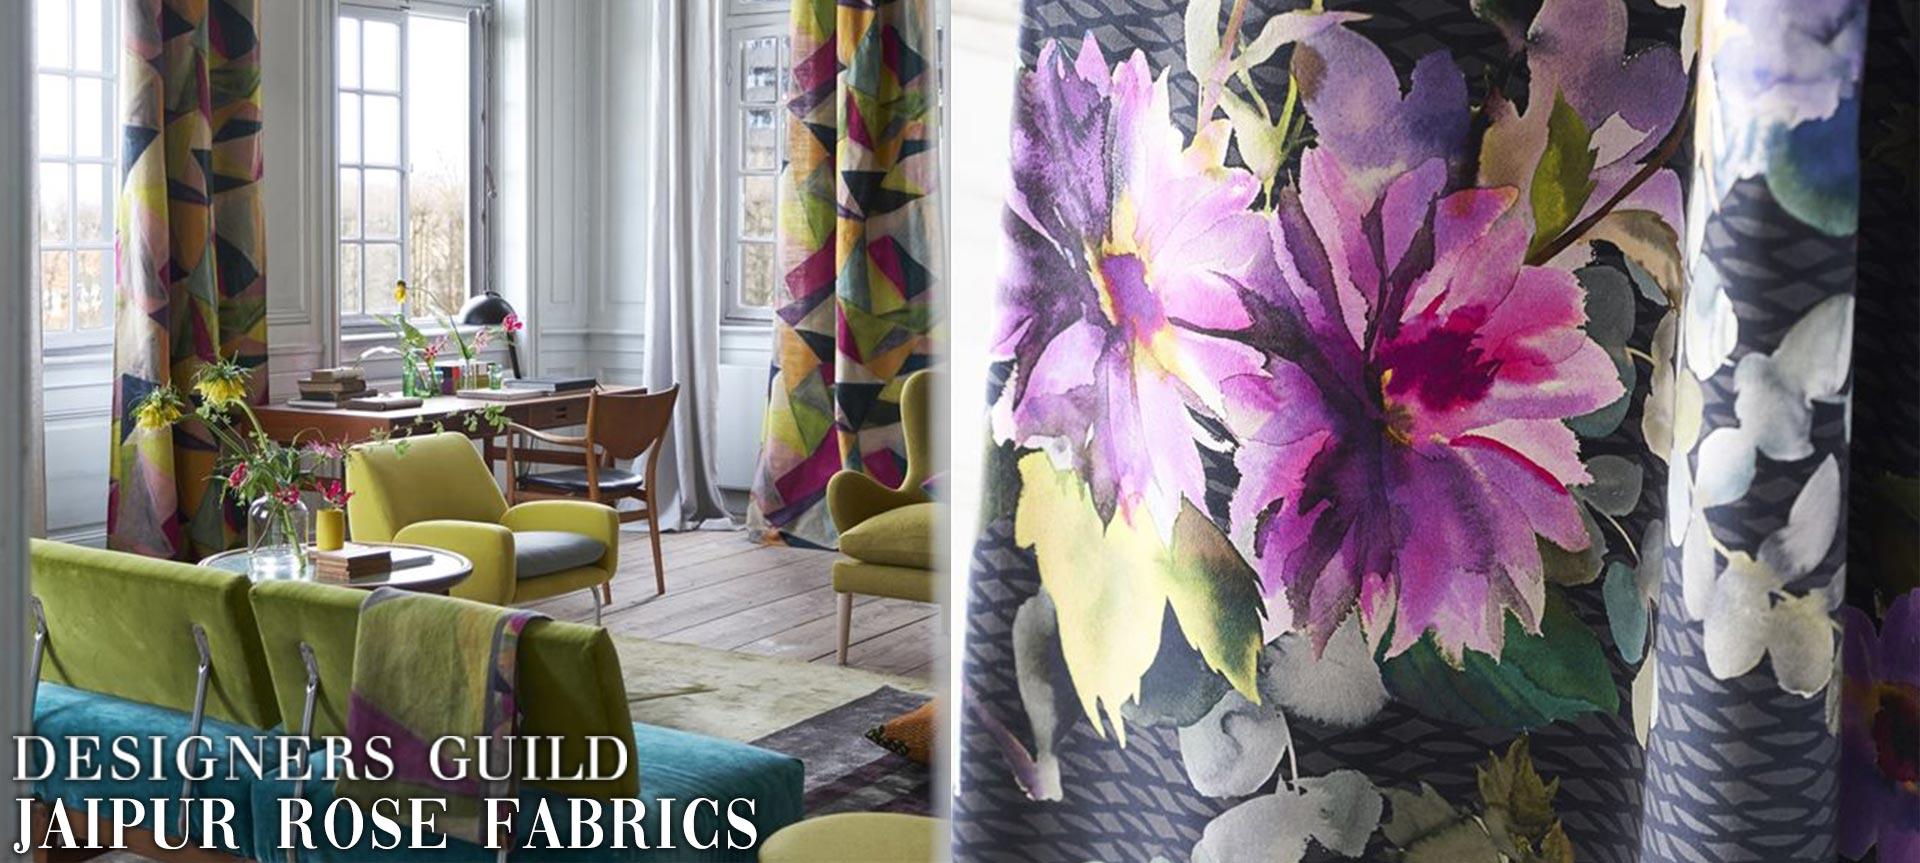 Designers-guild-jaipur-rose-fabrics